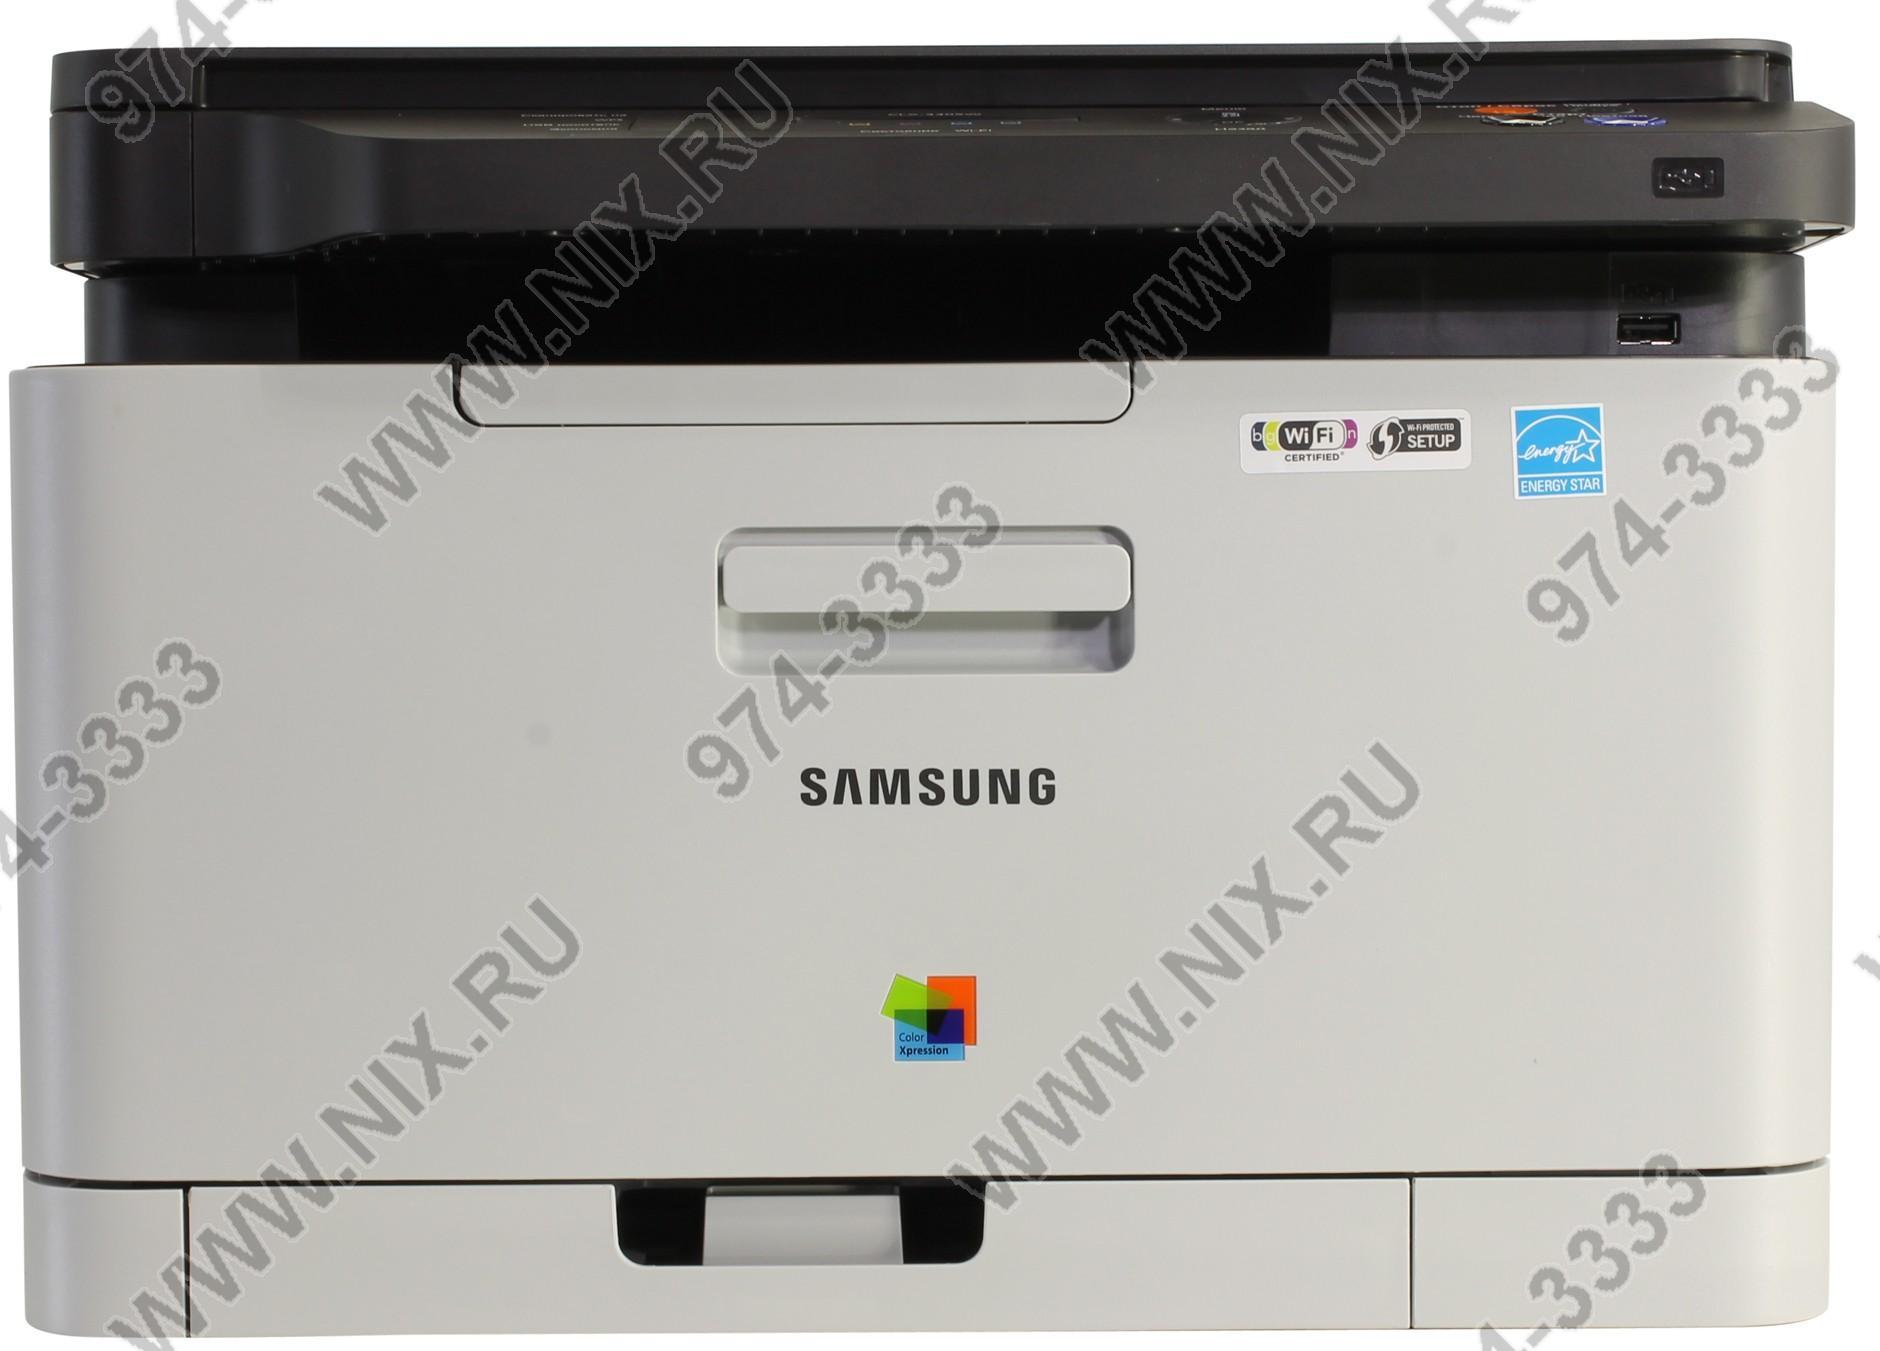 Скачать программу для принтера samsung clx 3305